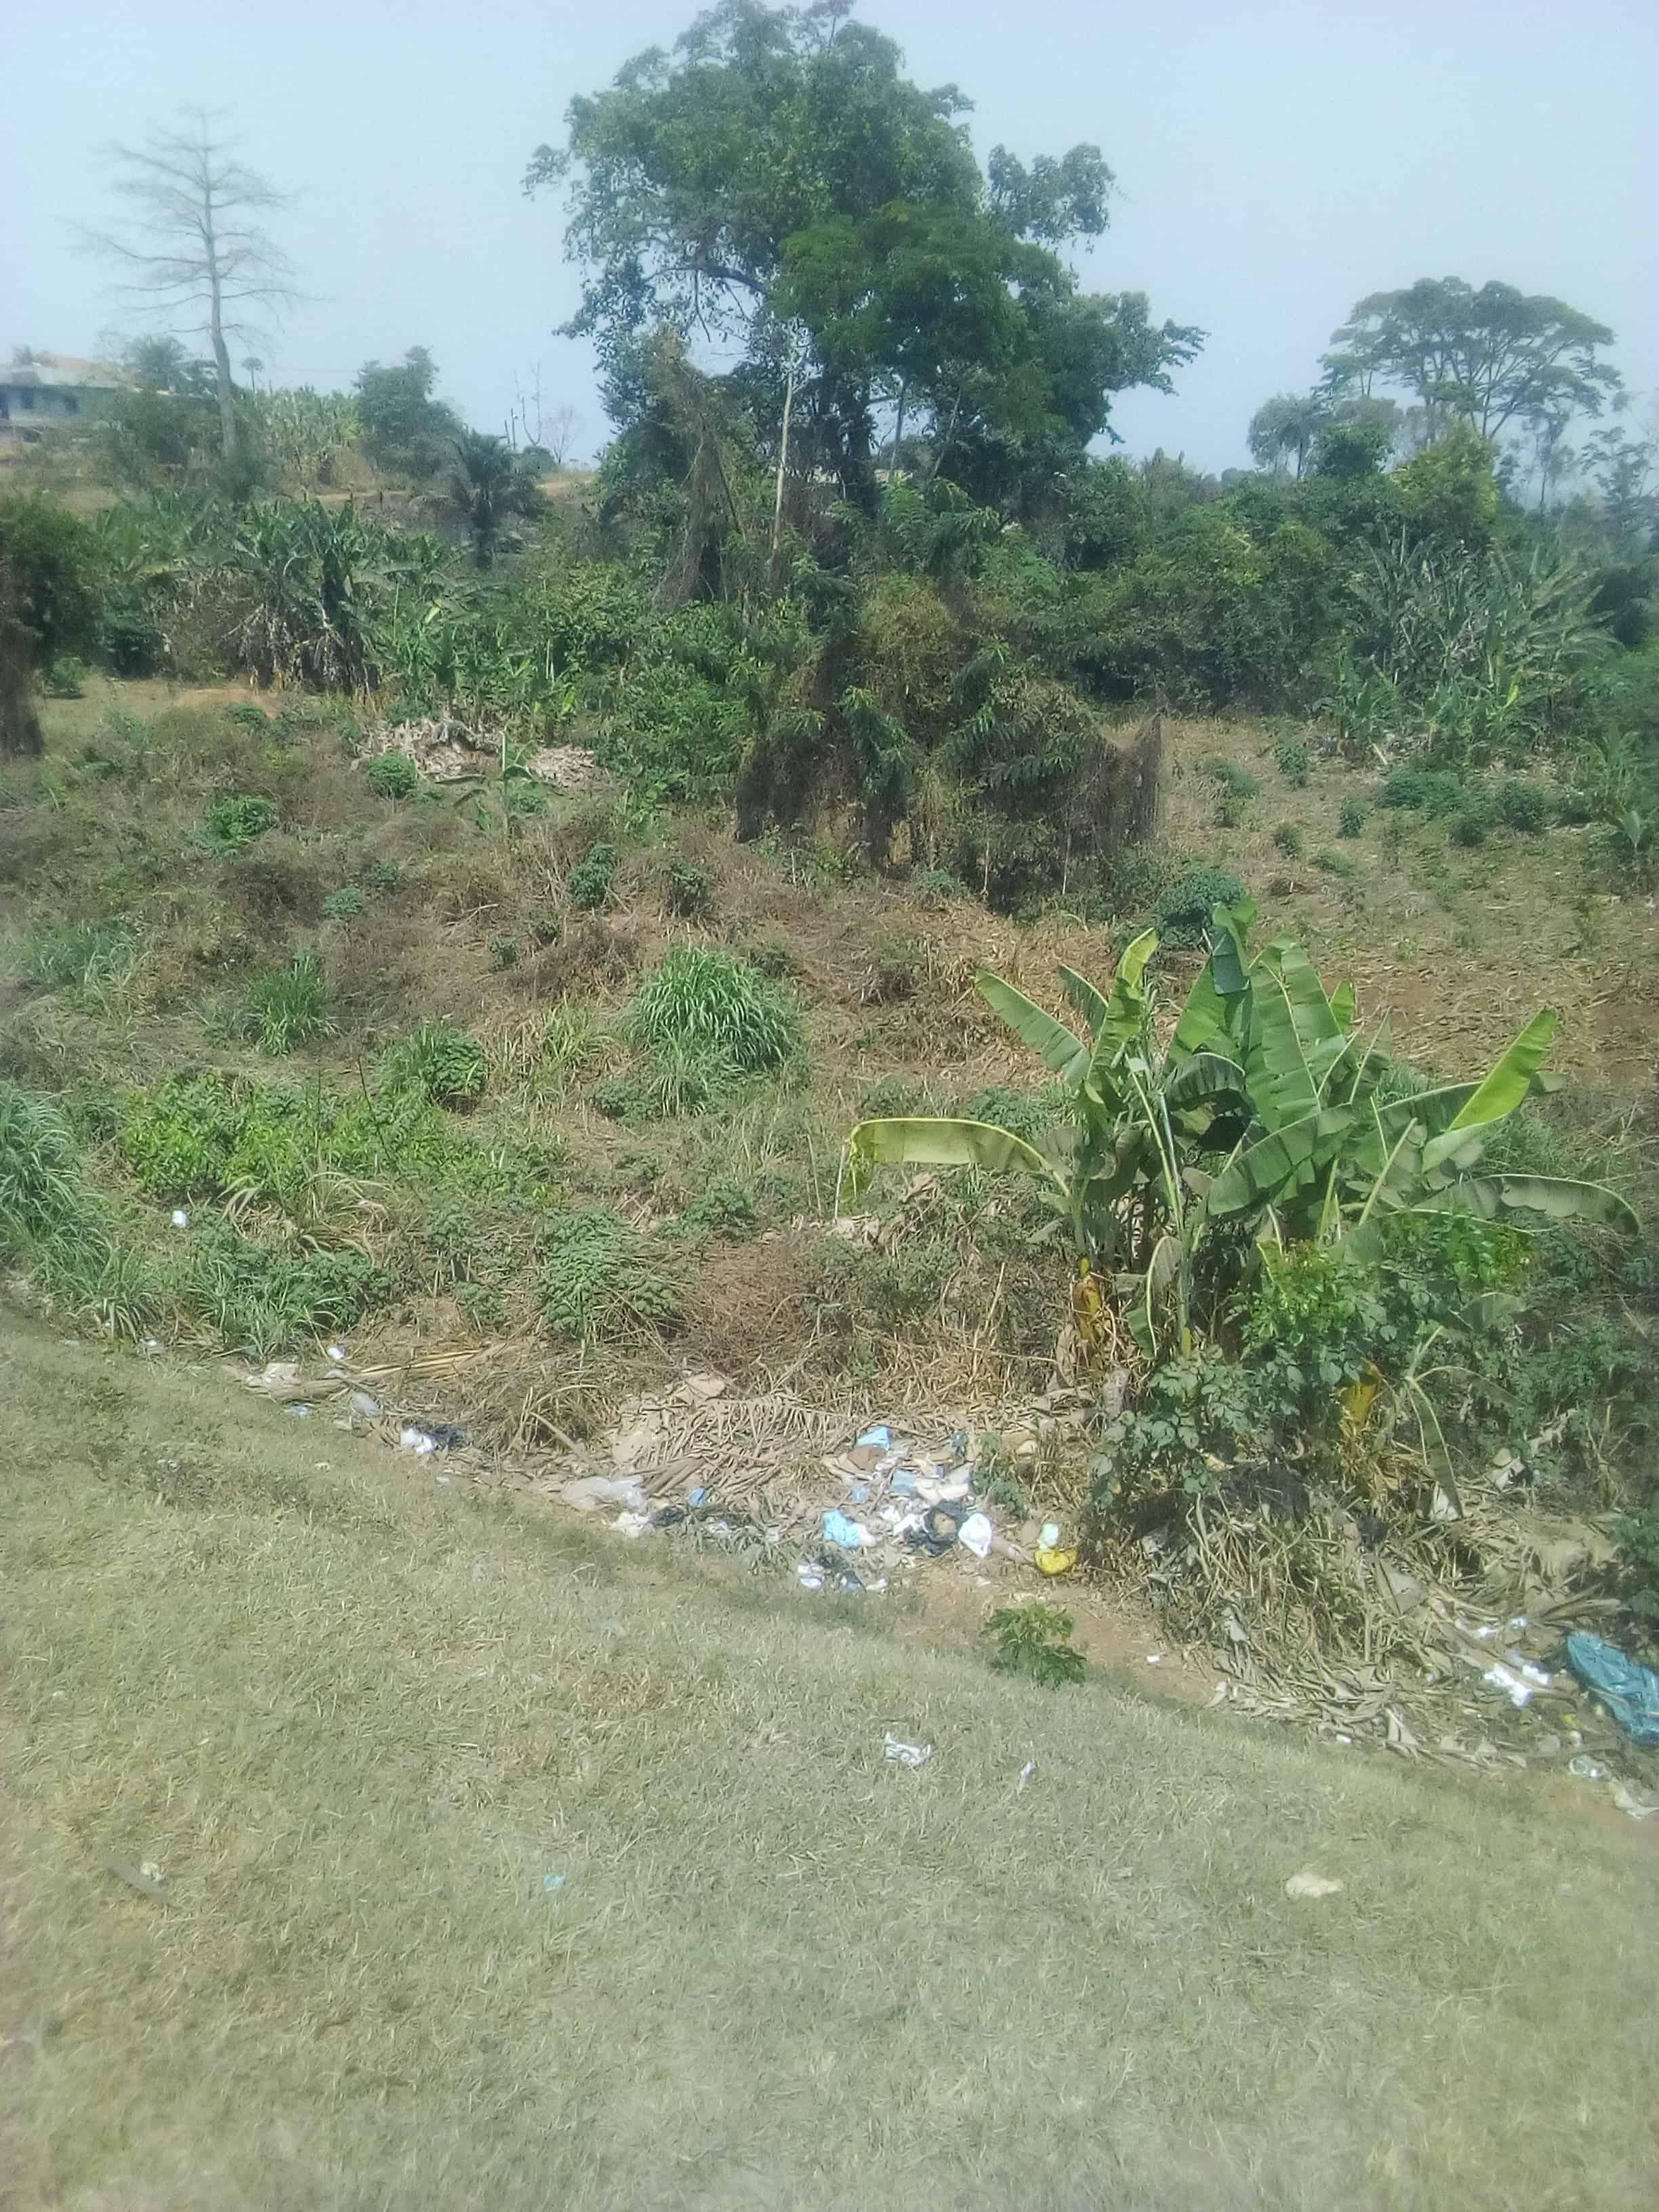 Land for sale at Yaoundé, Olembe, Après nkozoa terrain commercial (en bordure de route) - 5000 m2 - 200 000 000 FCFA